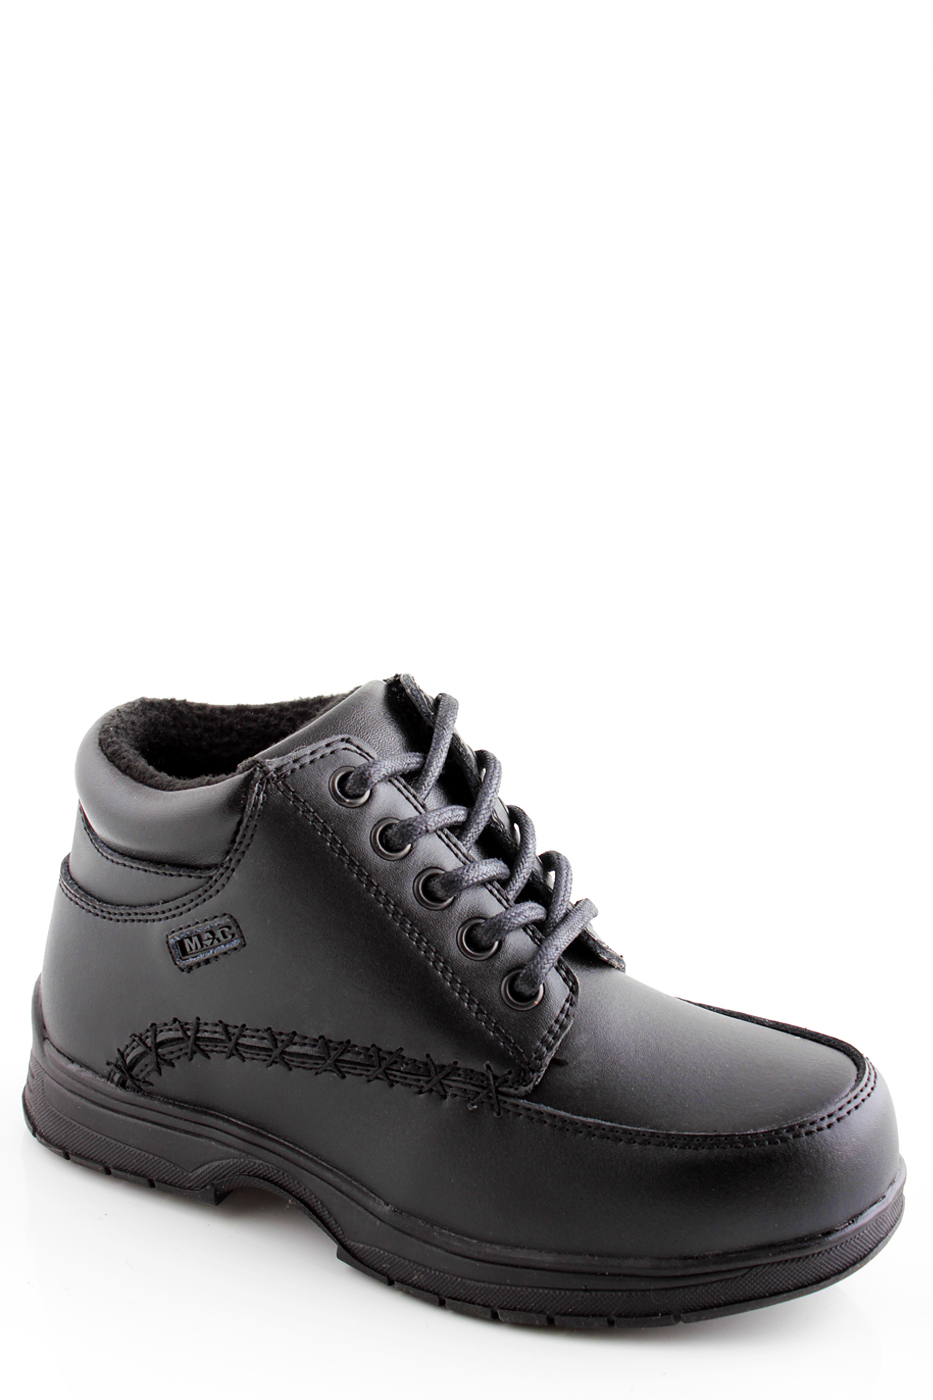 Продам новые демисезонные ботинки на мальчика,натуральная кожа,размер 35,по стельке 22см.